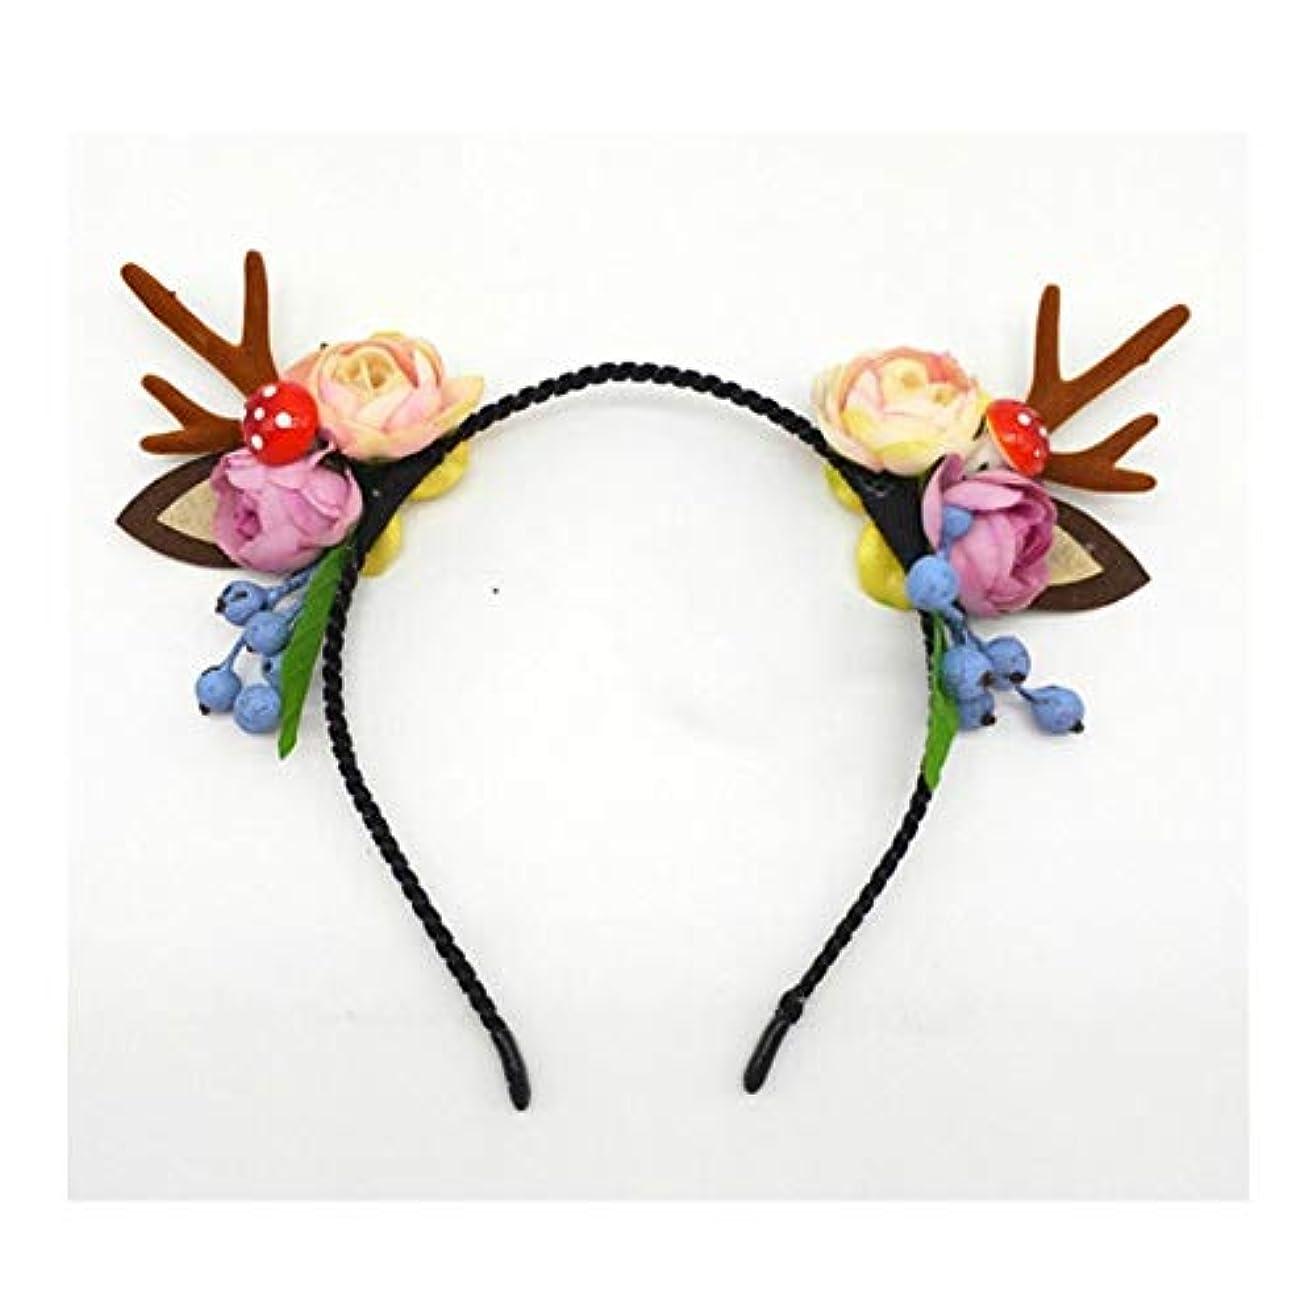 カスケード狭い感度クリスマス枝角ヘッドジュエリーのヘアピン女性セン女性のヘアアクセサリーは、小さなヘラジカヘッドバンド女性茸の耳白い毛玉ヘアピンヘッドバンド (Style : A)